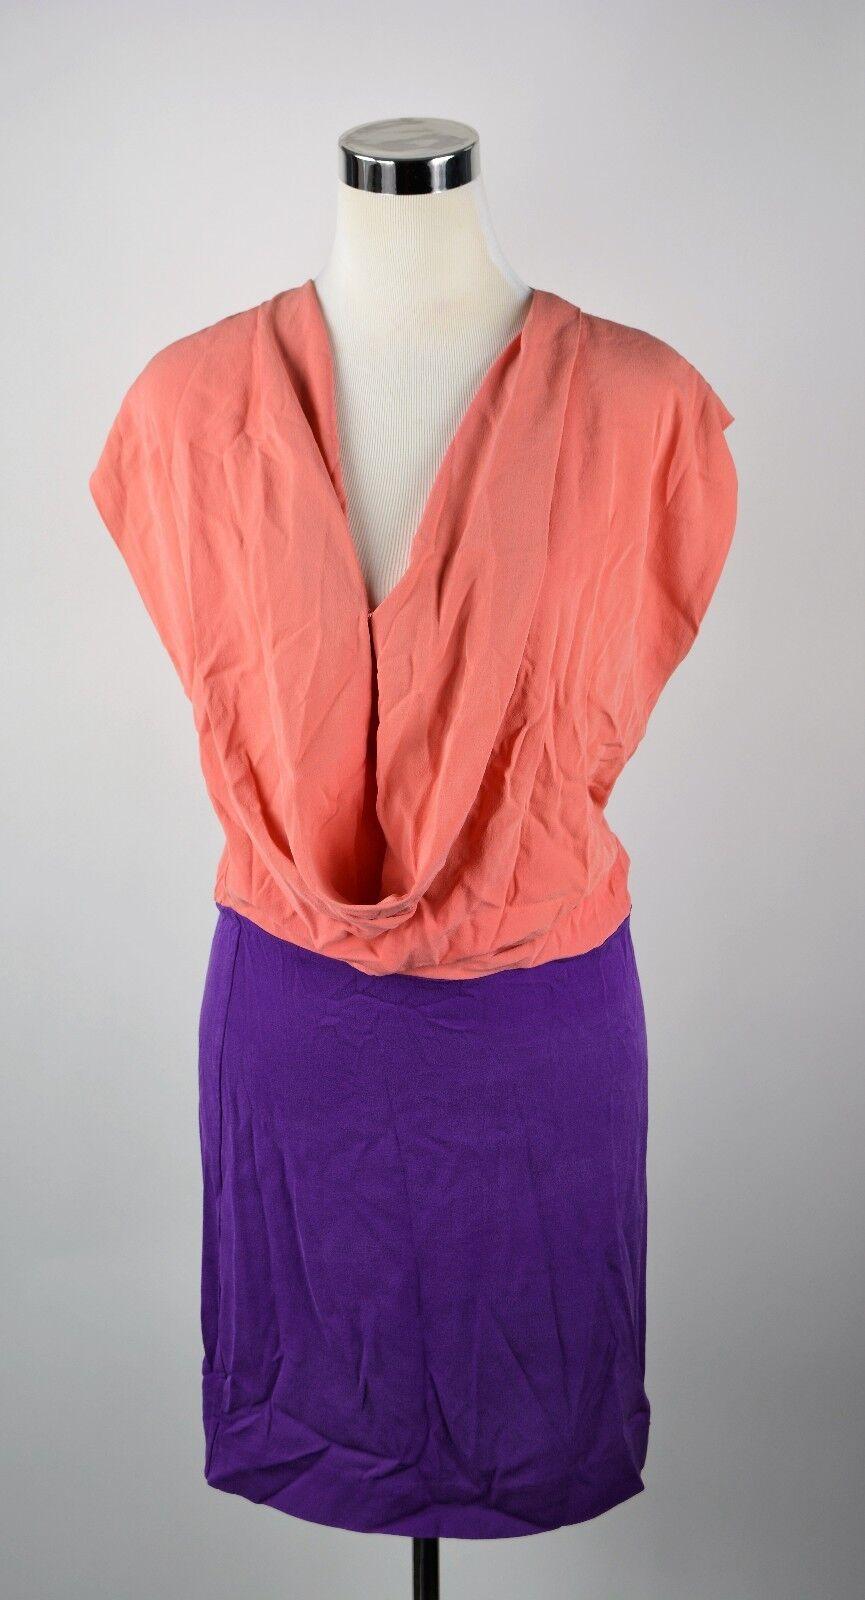 Diane Von Furstenberg Dress Größe 4 Rosa lila 100% Silk DVF REARA